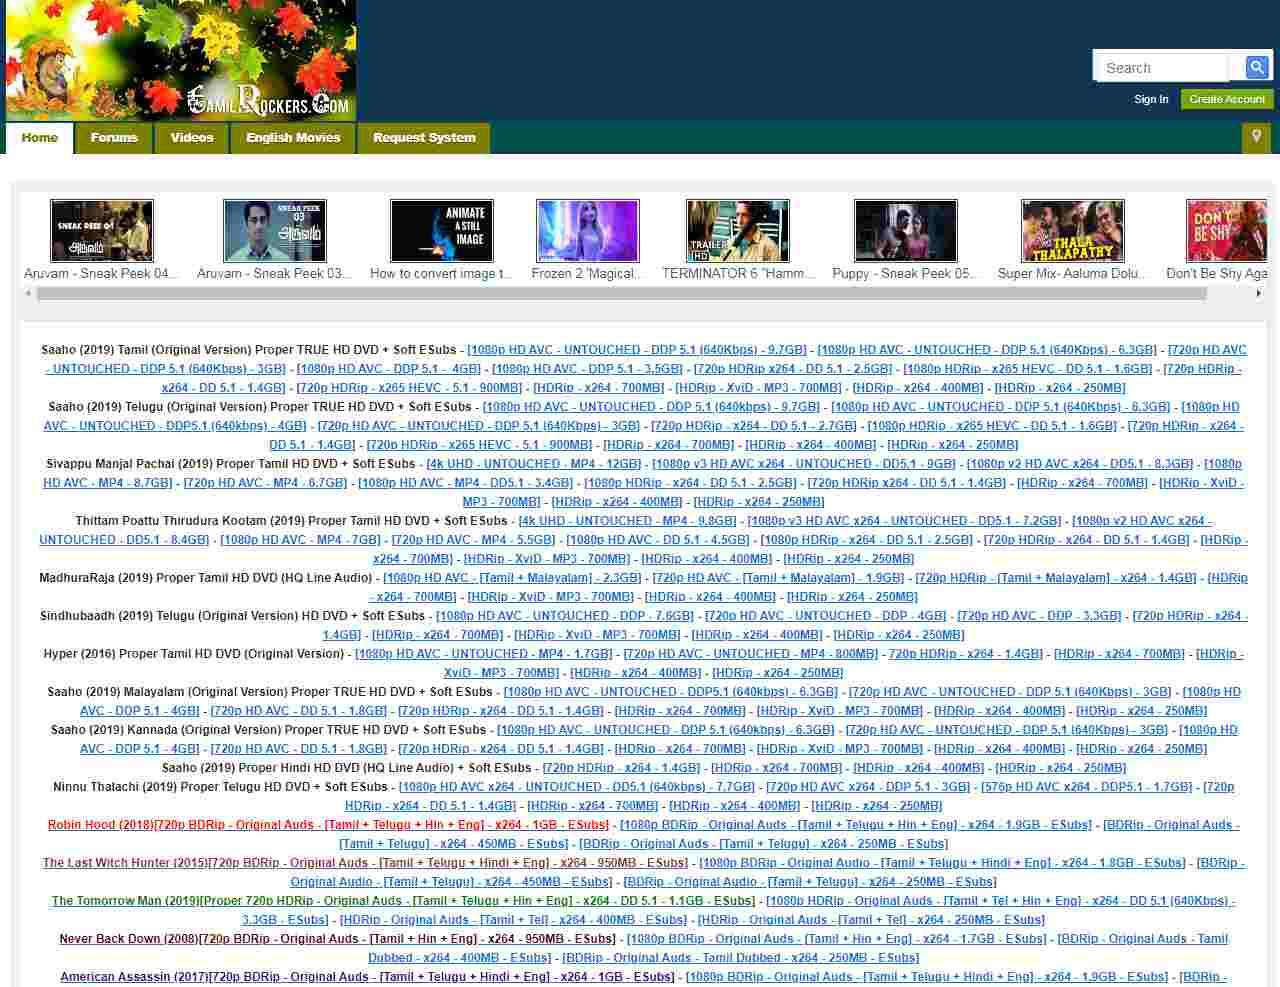 Tamilrockers website not working : Tamilrockers new link not working (Tamilrockers 2020 : movie download site not opening)